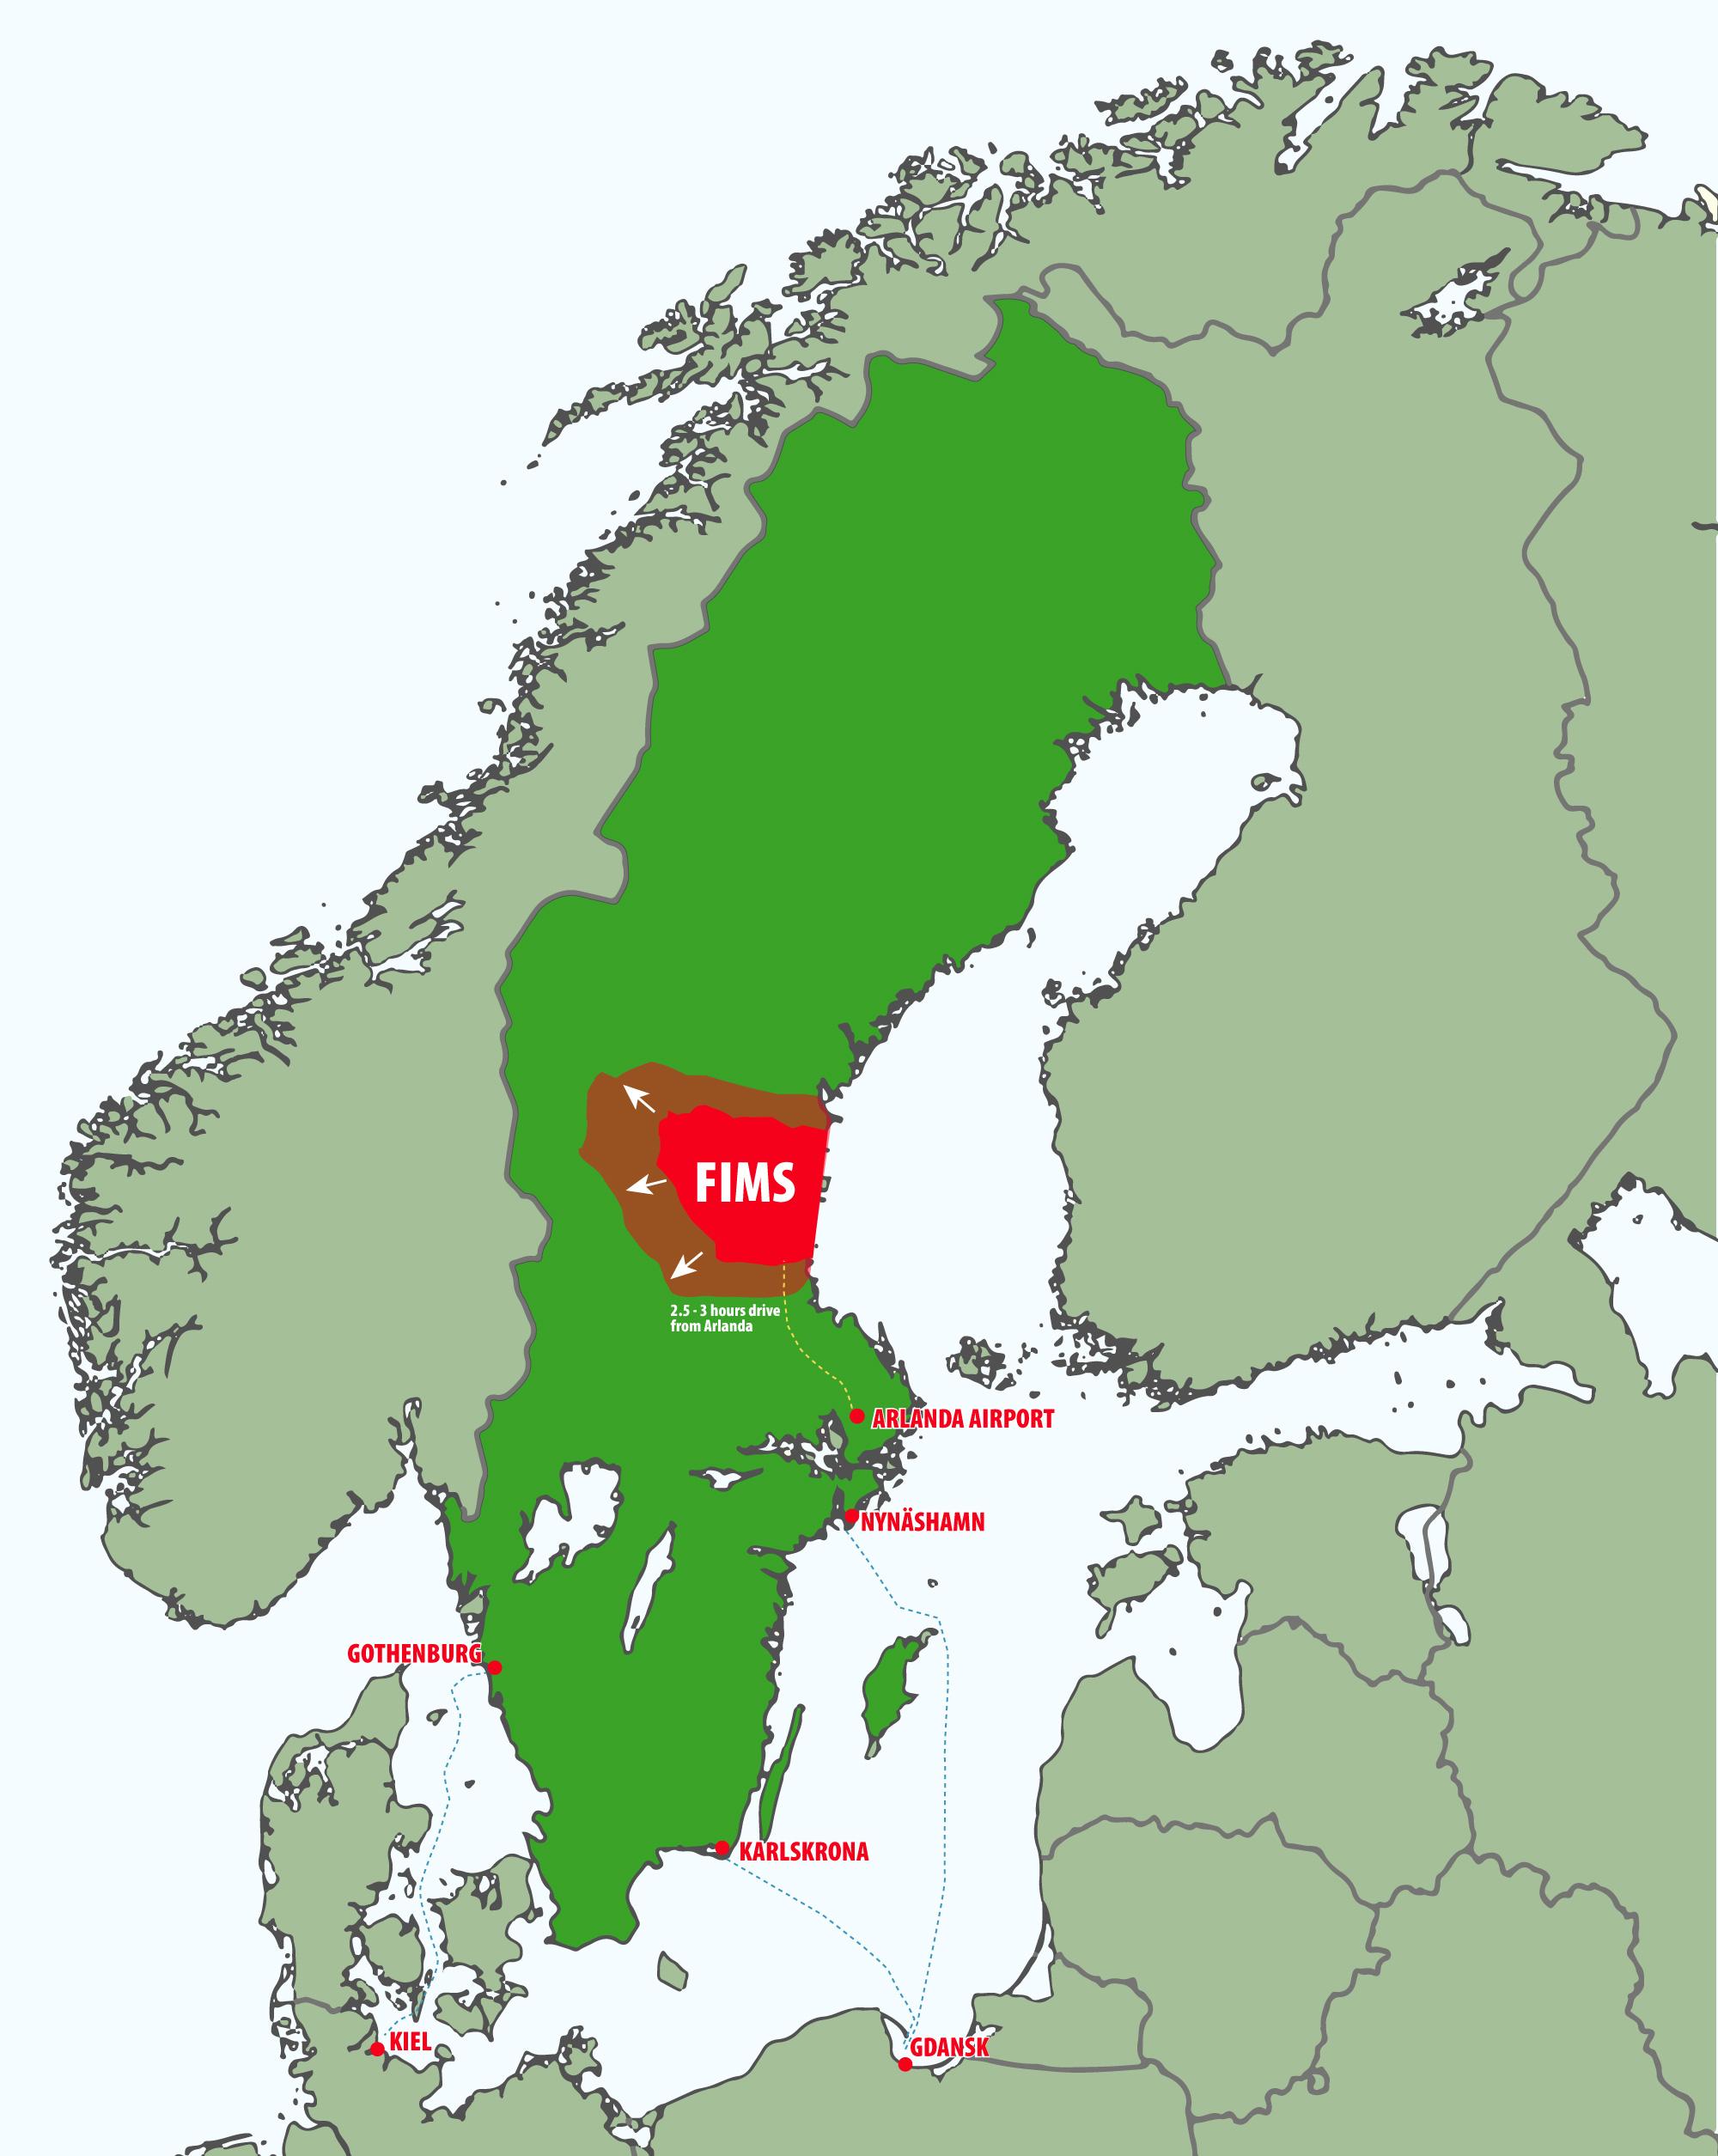 Karta-Sverige-Nordeuropa-Skandinavien-Färja